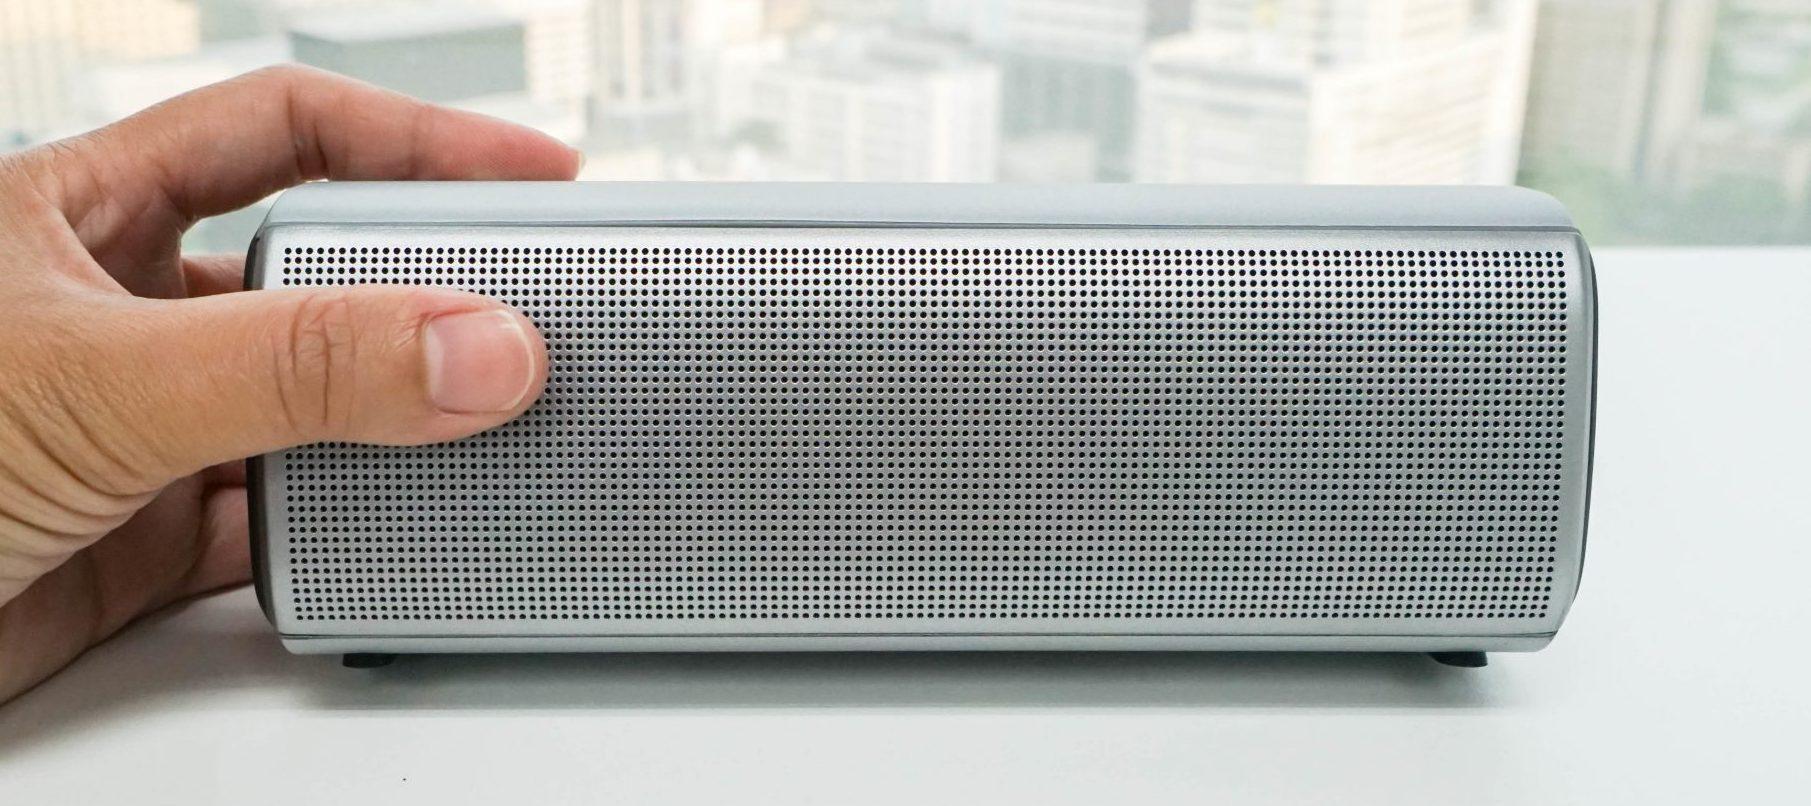 Barras de sonido Samsung: ¿Cuál es el mejor de 2020?